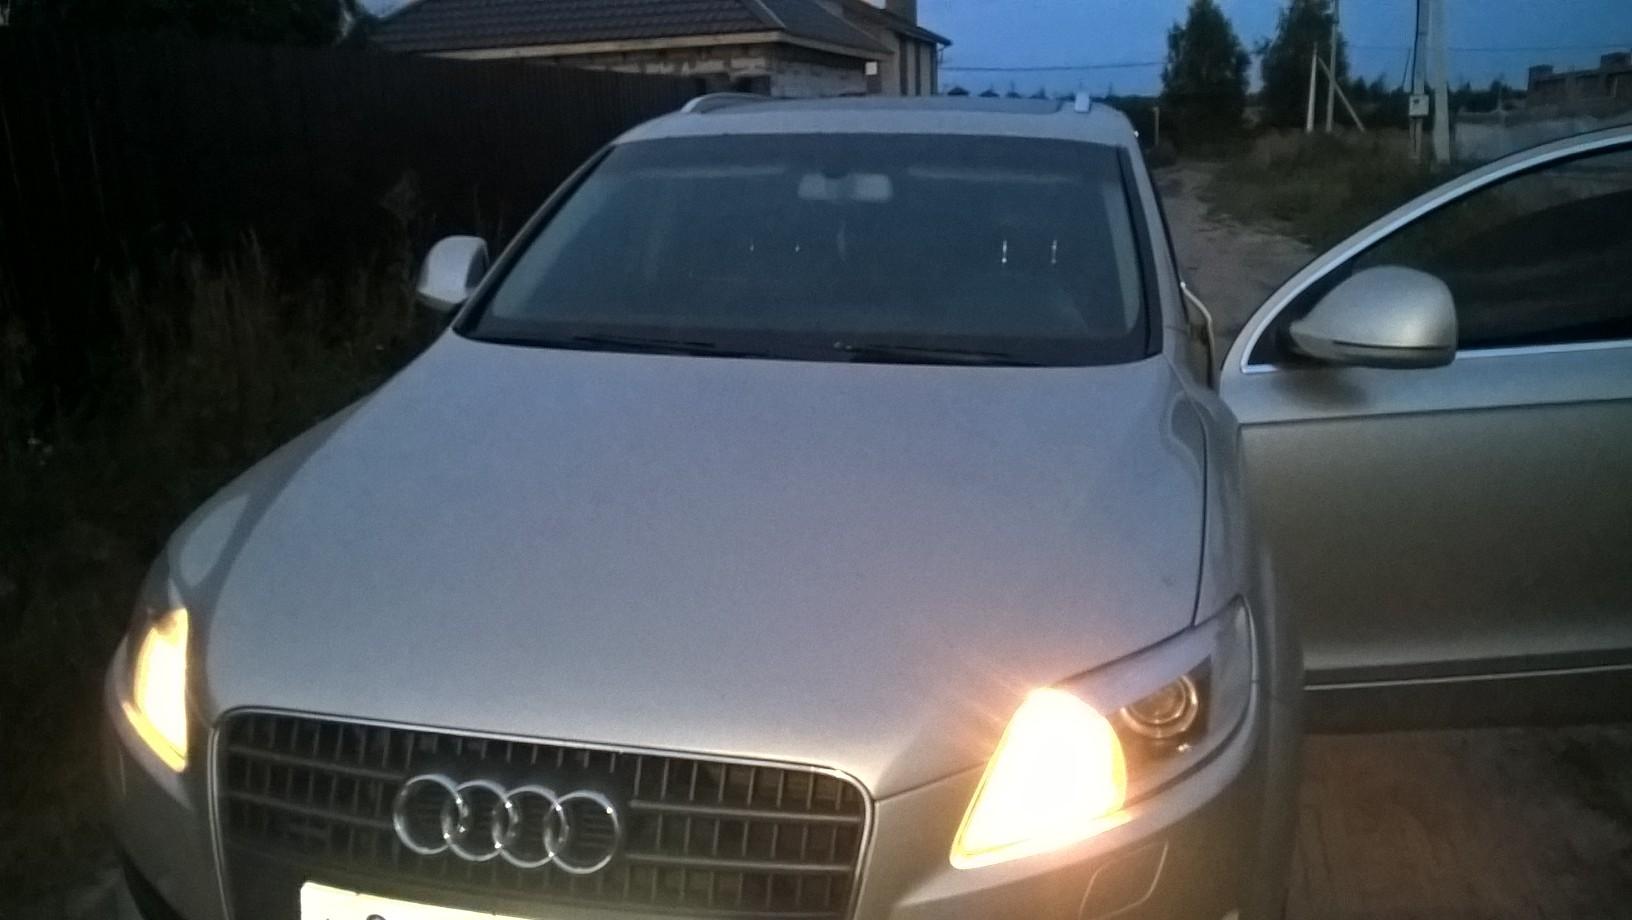 Чип тюнинг Audi Q7 4.2 бензин